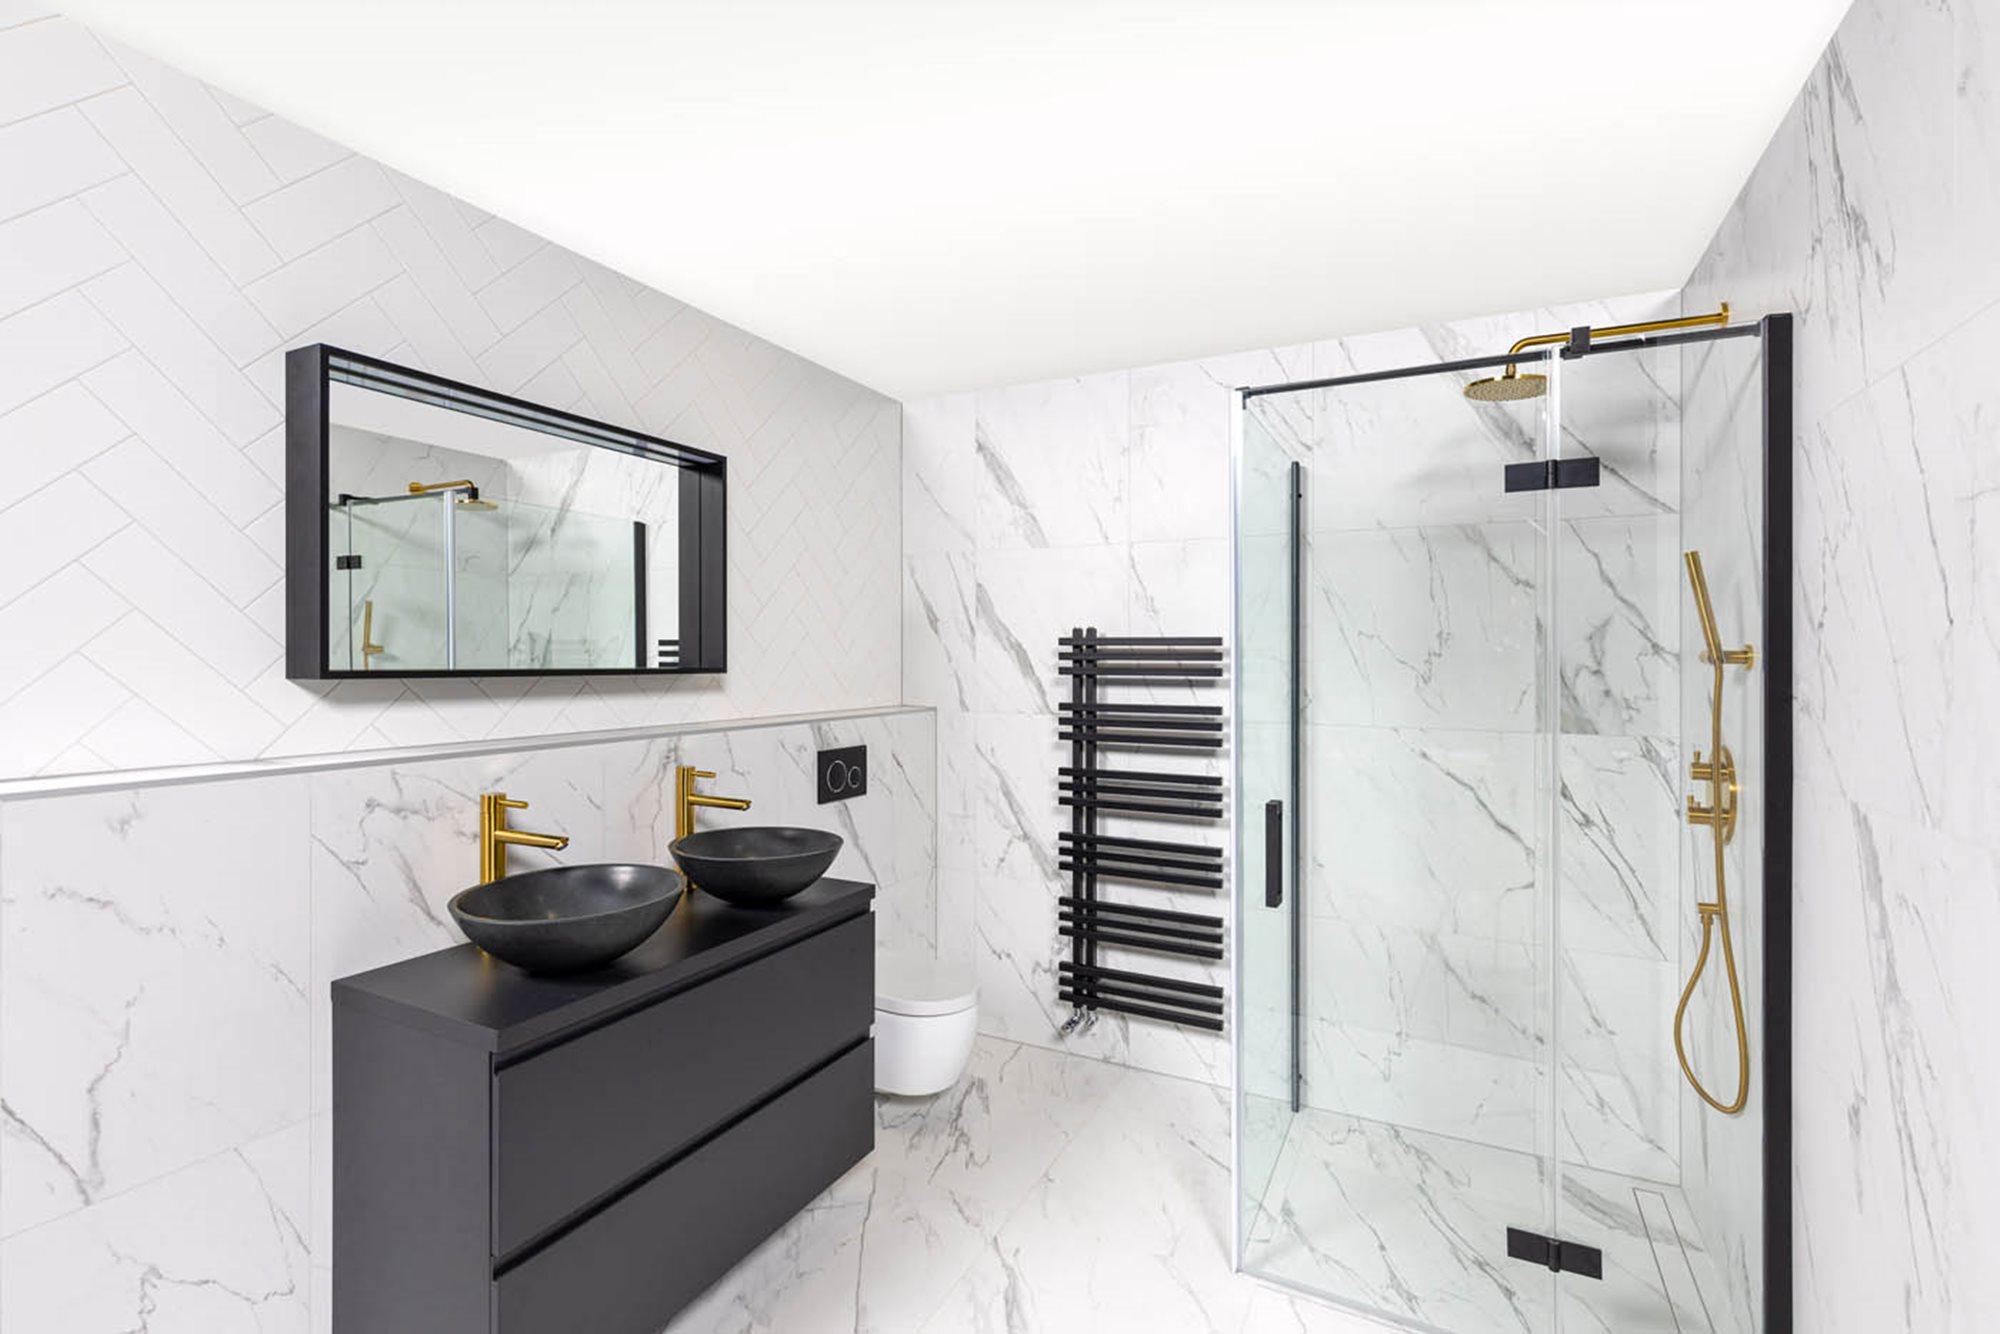 stappenplan-douchecabine-installeren-marmerlook-tegels-wit-douchecabine-zwart-badkamermeubel-gouden-kraan-zwarte-radiator-waskom.jpg